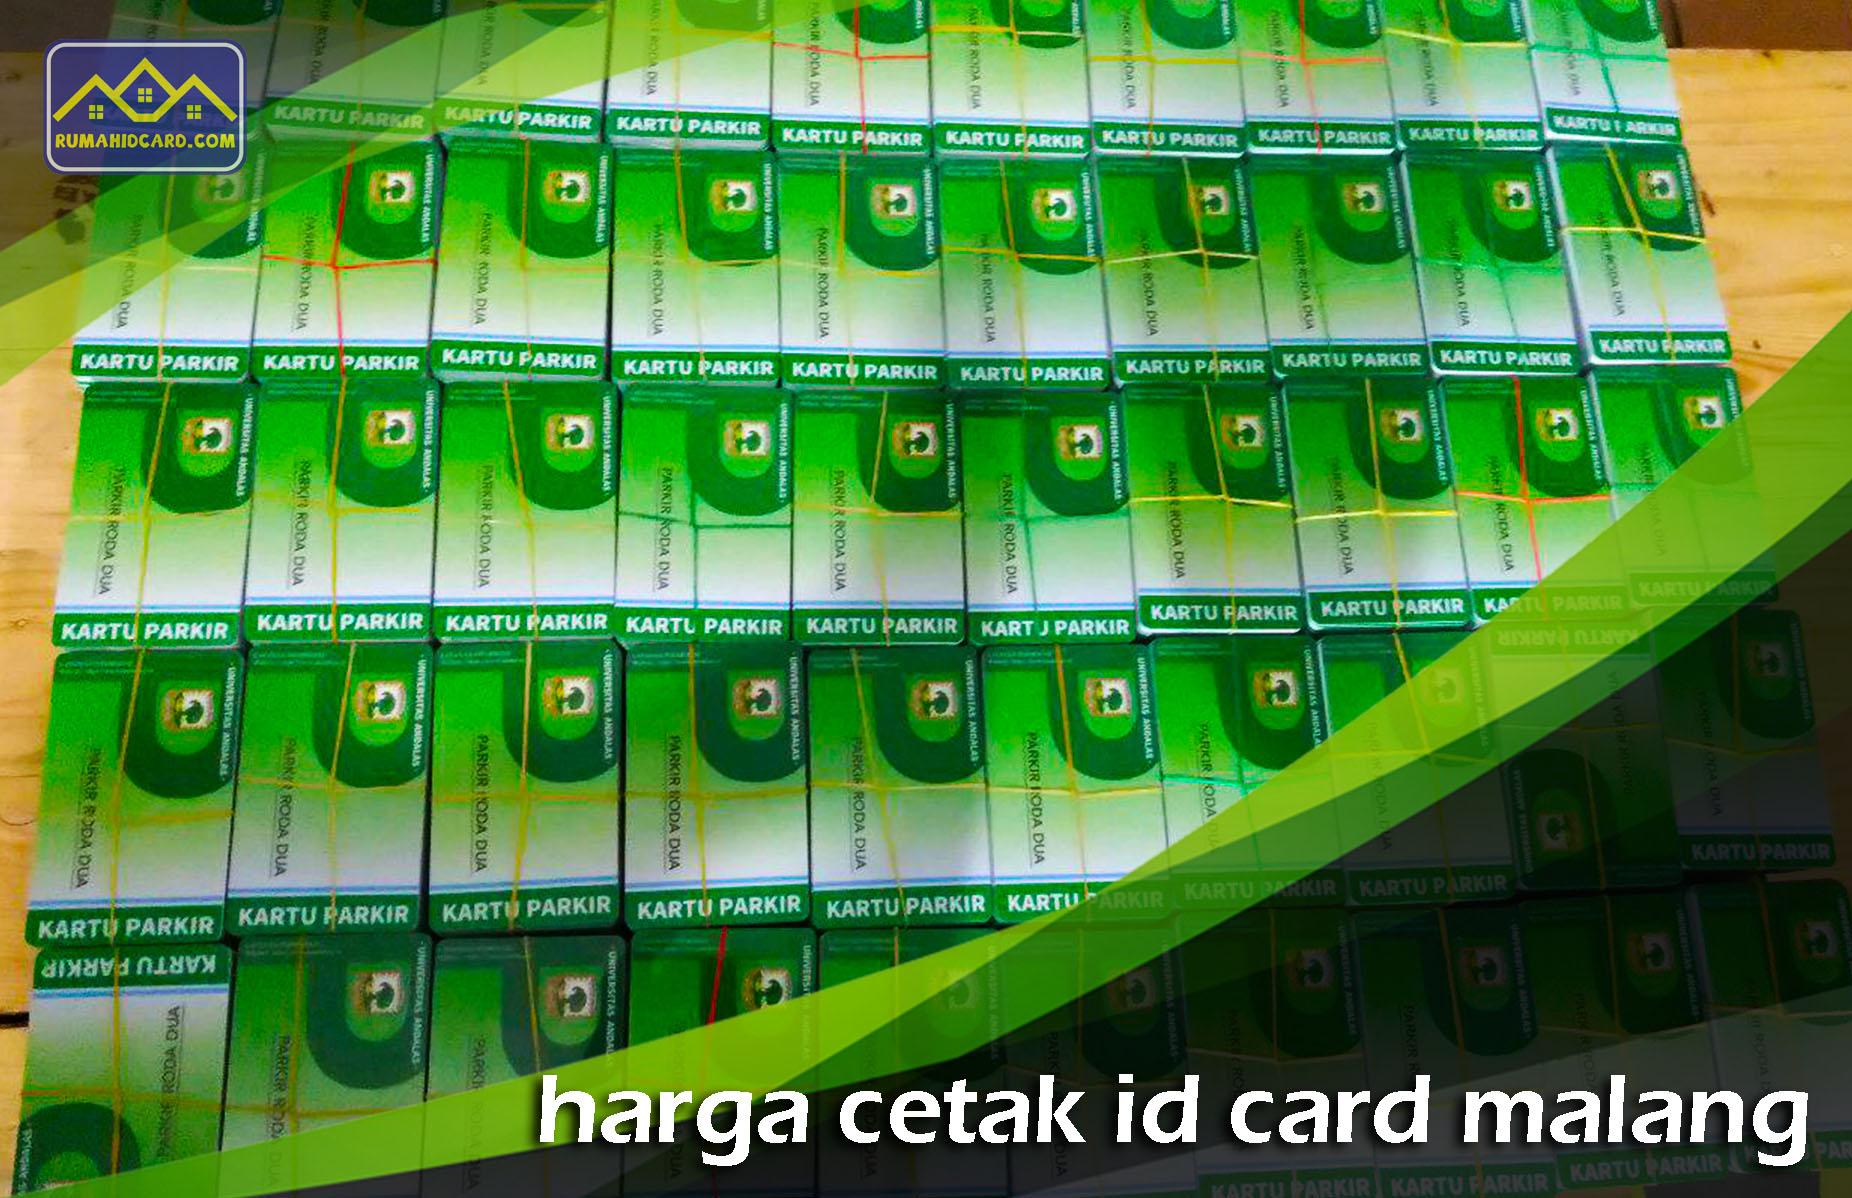 Harga Cetak ID Card Malang